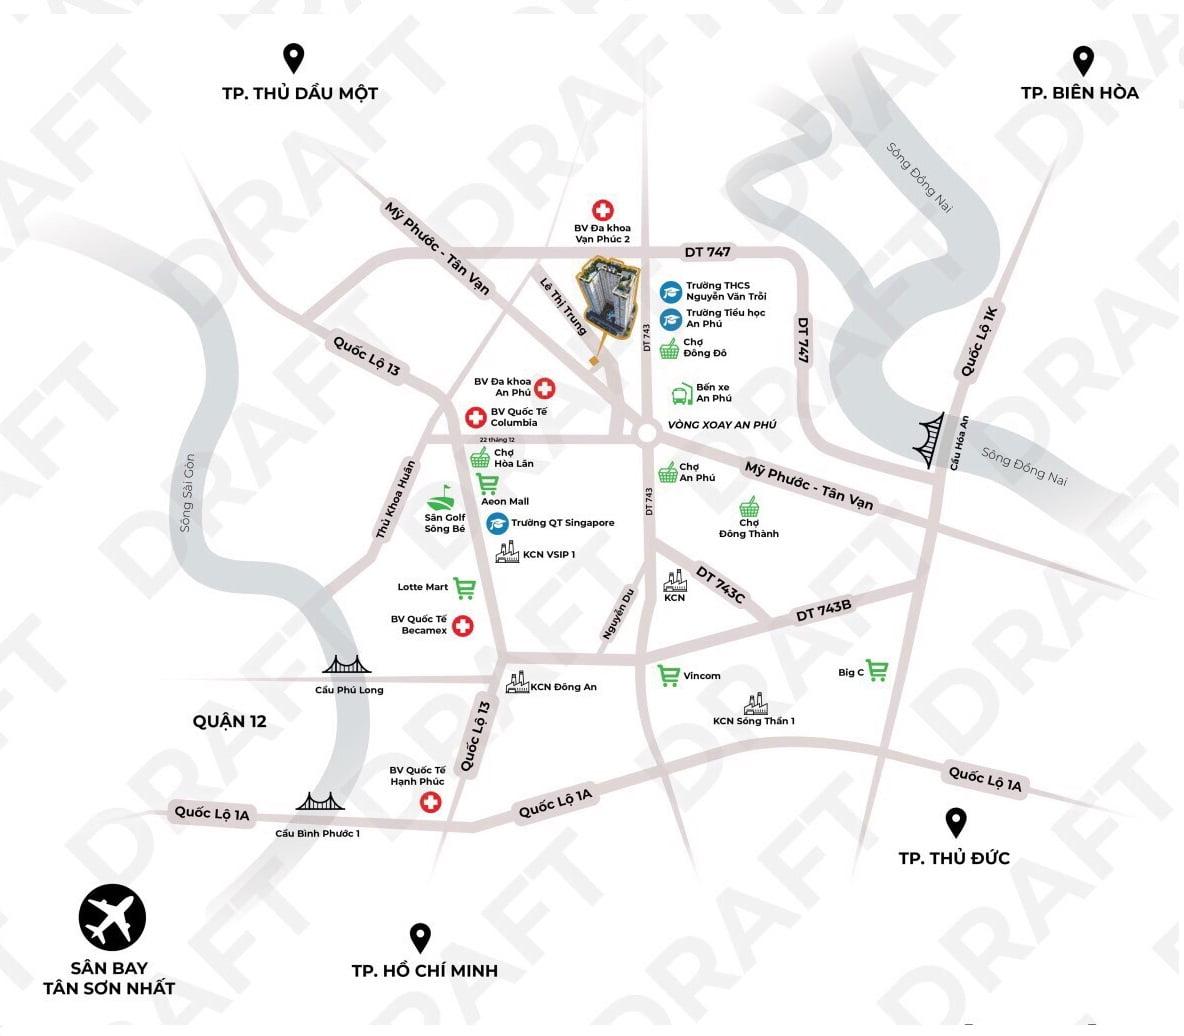 Vị trí kết nối của dự án căn hộ Tecco Felice Homes; kết nối nhanh với đường Lê Thị Trung, Mỹ Phước Tân Vạn và DT743